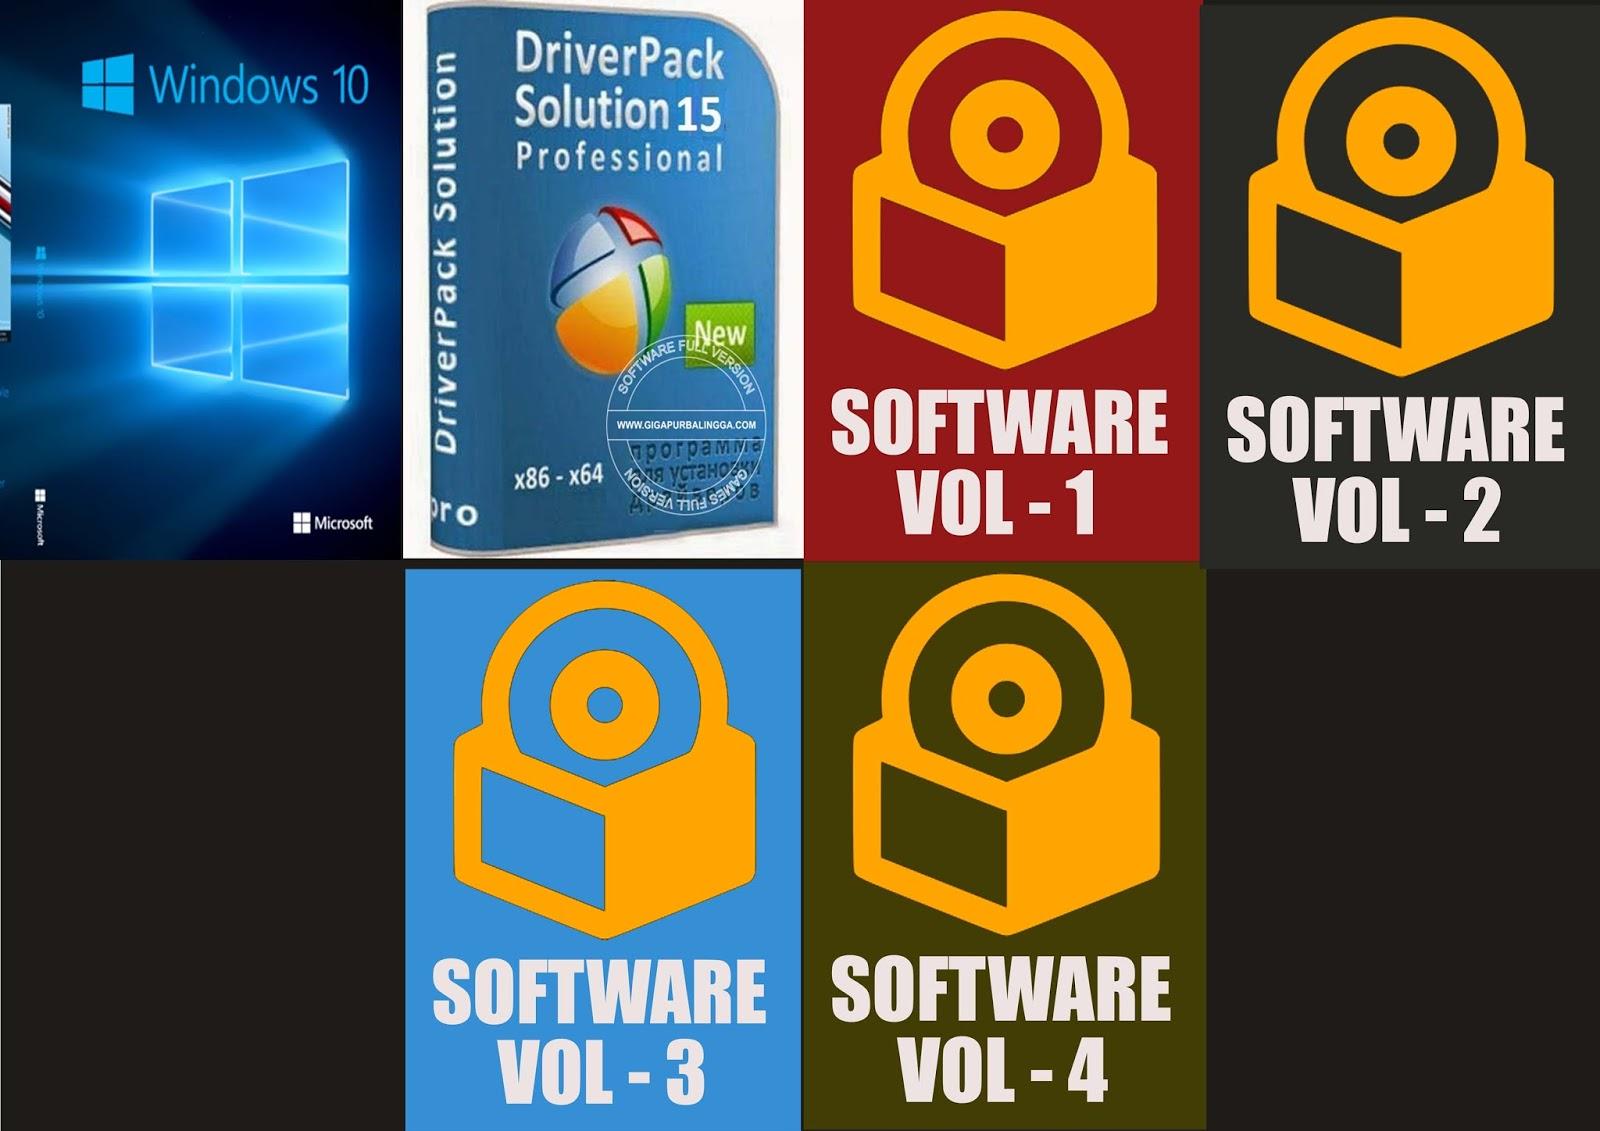 Terupdate Dan Terlengkap Jual Paket Install Ulang Dvd Windows 7 81 Tiga Software Karaoke Original Full Version Banyak Komp Bonus Berkualitas Semua Hanya Rp 100 Rb